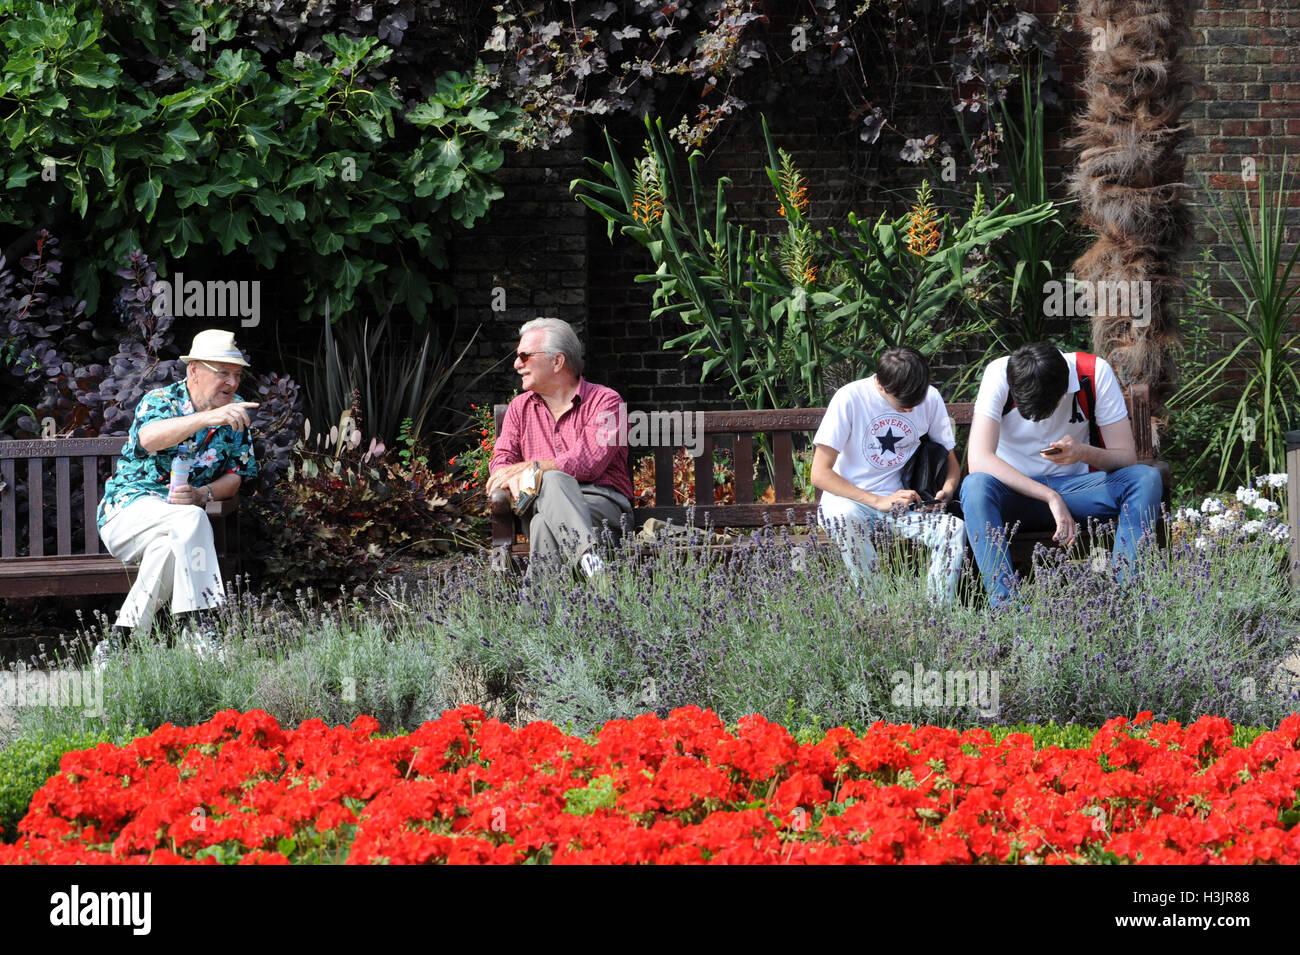 Zwei ältere Herren sitzen auf einer Parkbank im Chat, während zwei Kinder neben ihnen Pokemon spielen. Stockfoto